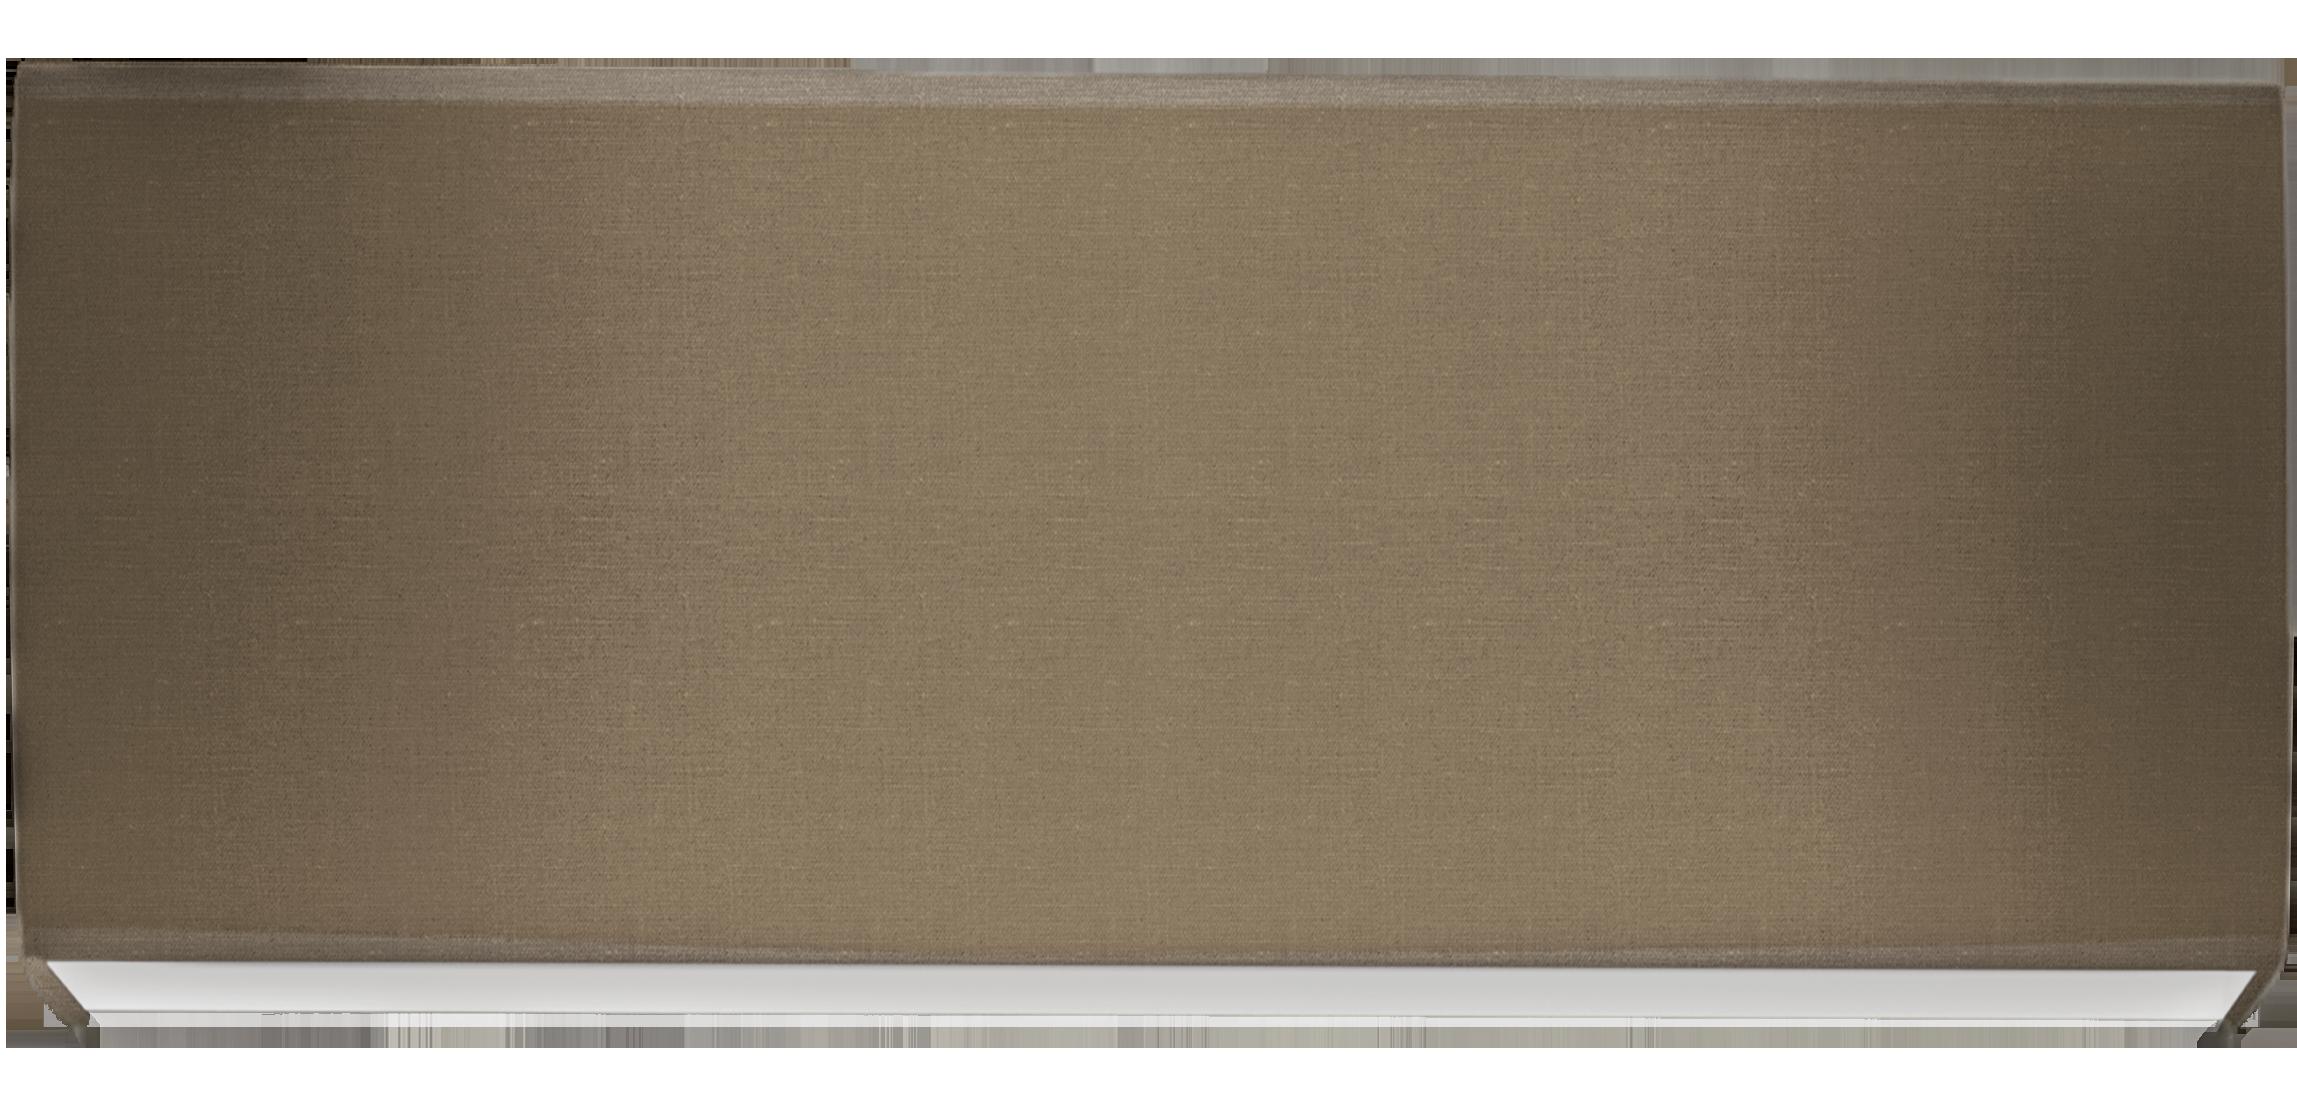 Светильник настенный  LINSET BS302/2W-350